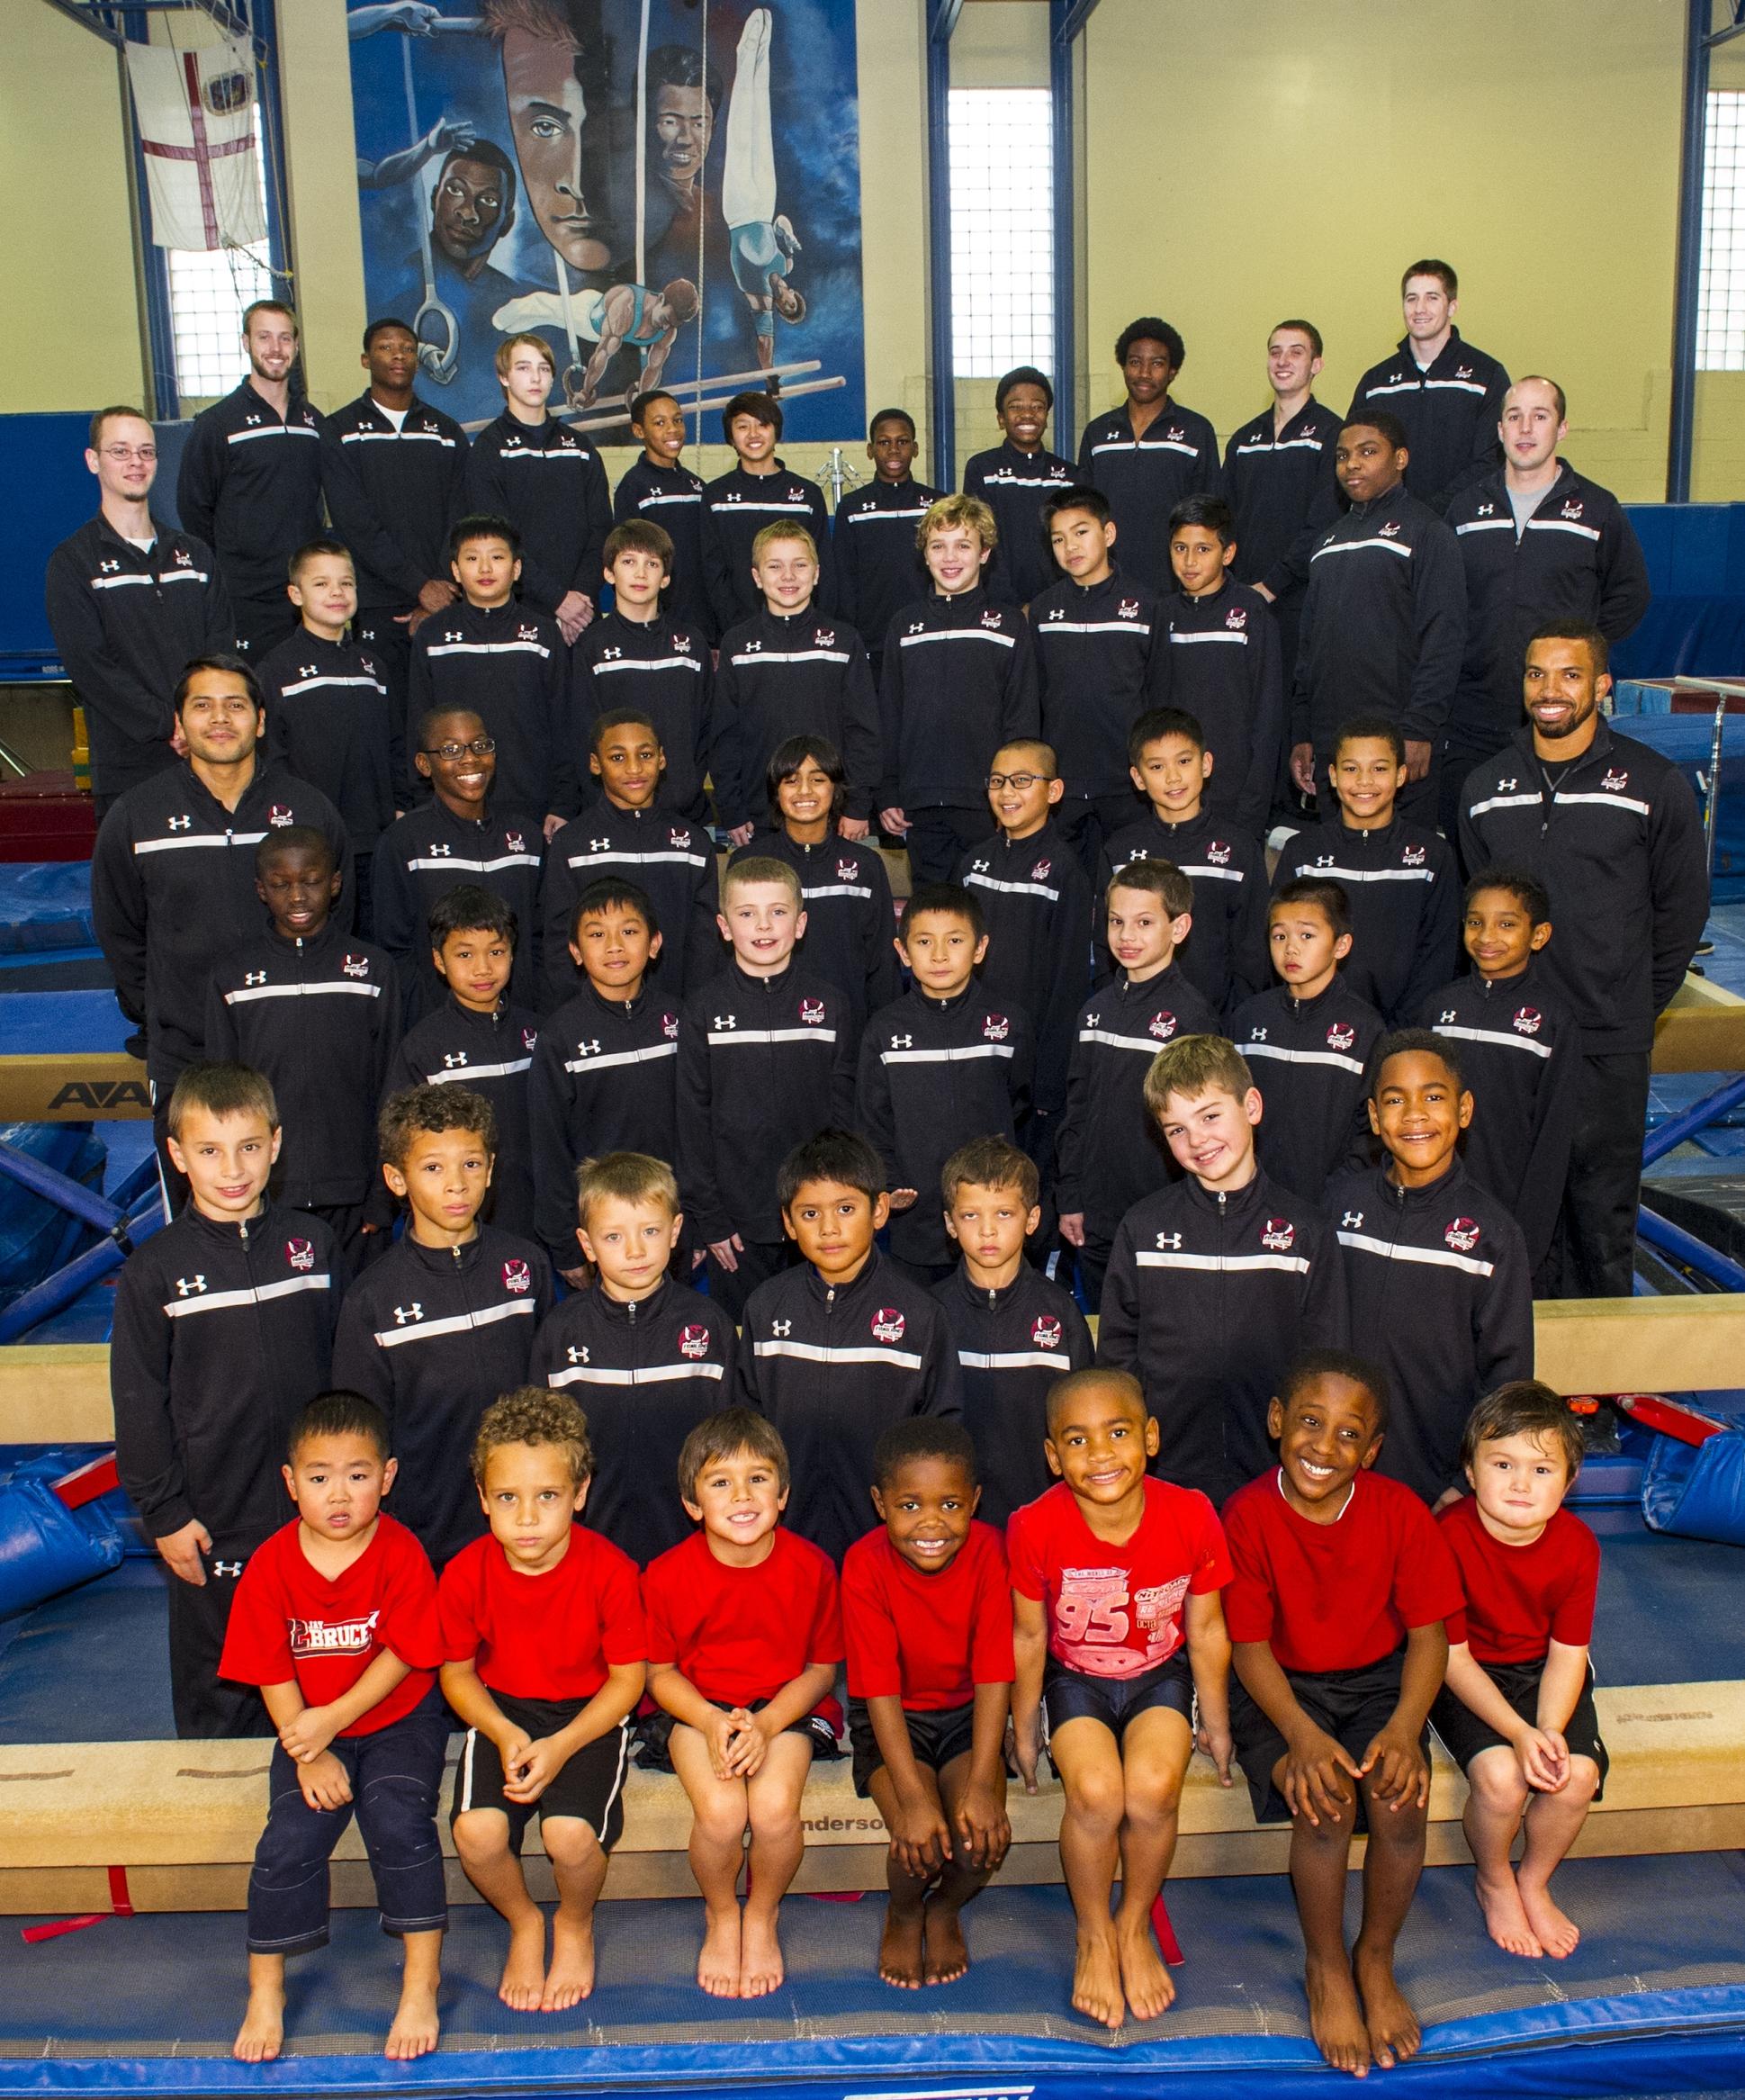 2014-2015 Fairland Team